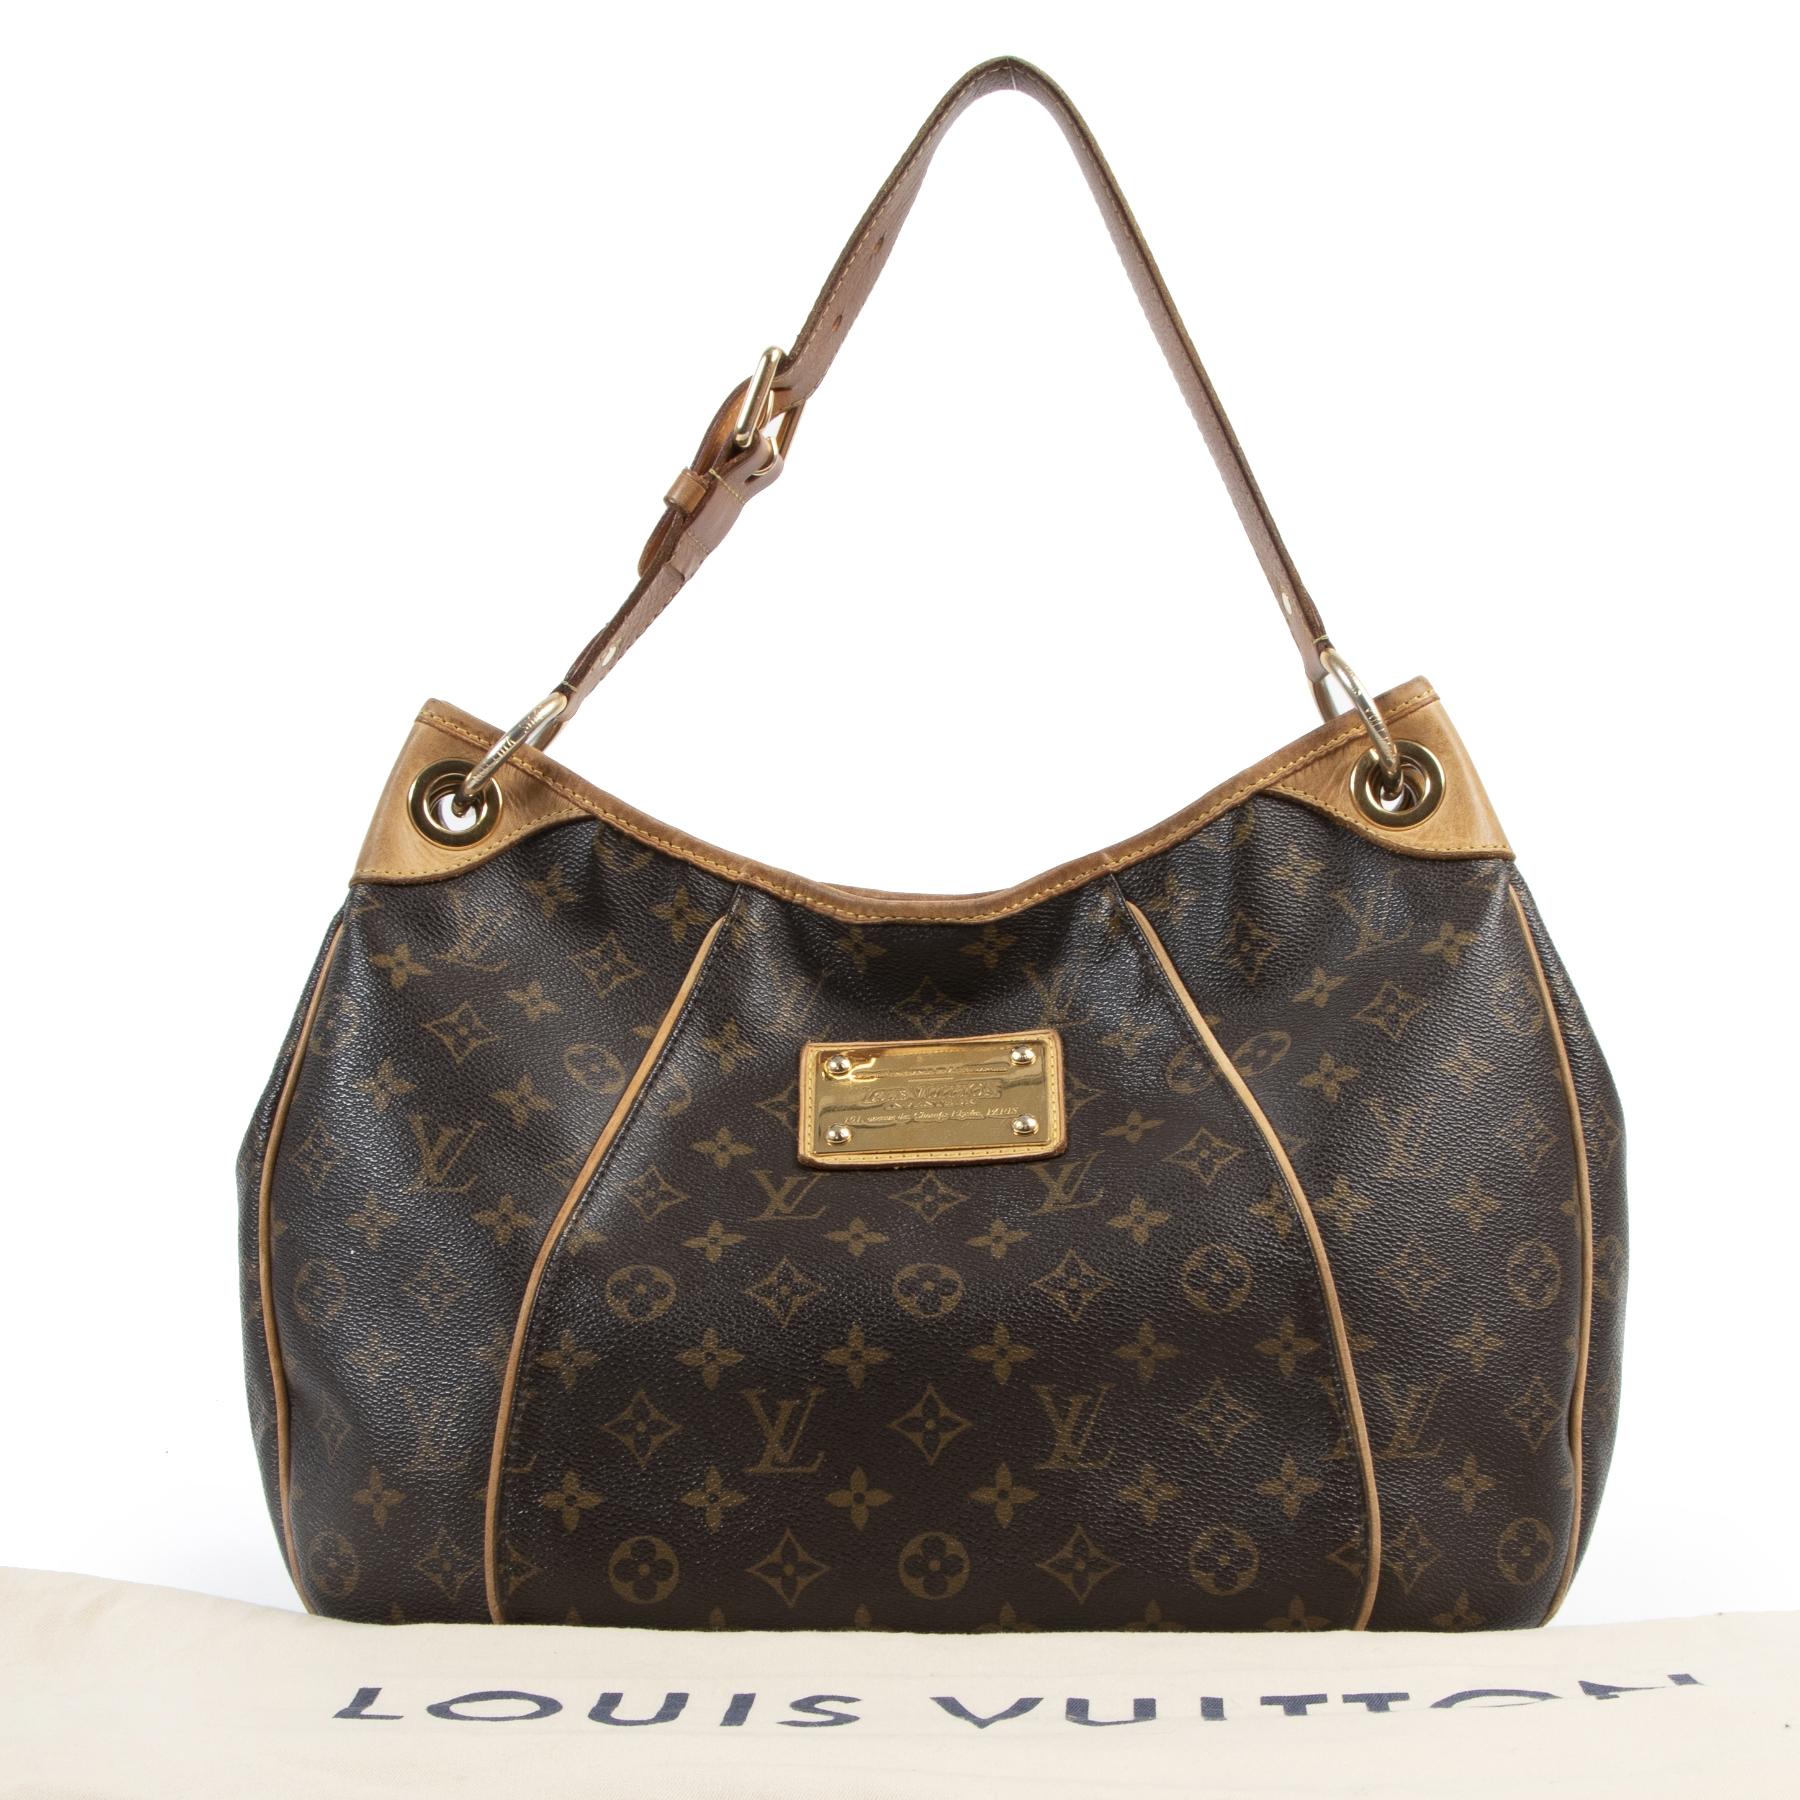 Louis Vuitton Galliera Inventeur Hobo Bag pour le meilleur prix chez Labellov